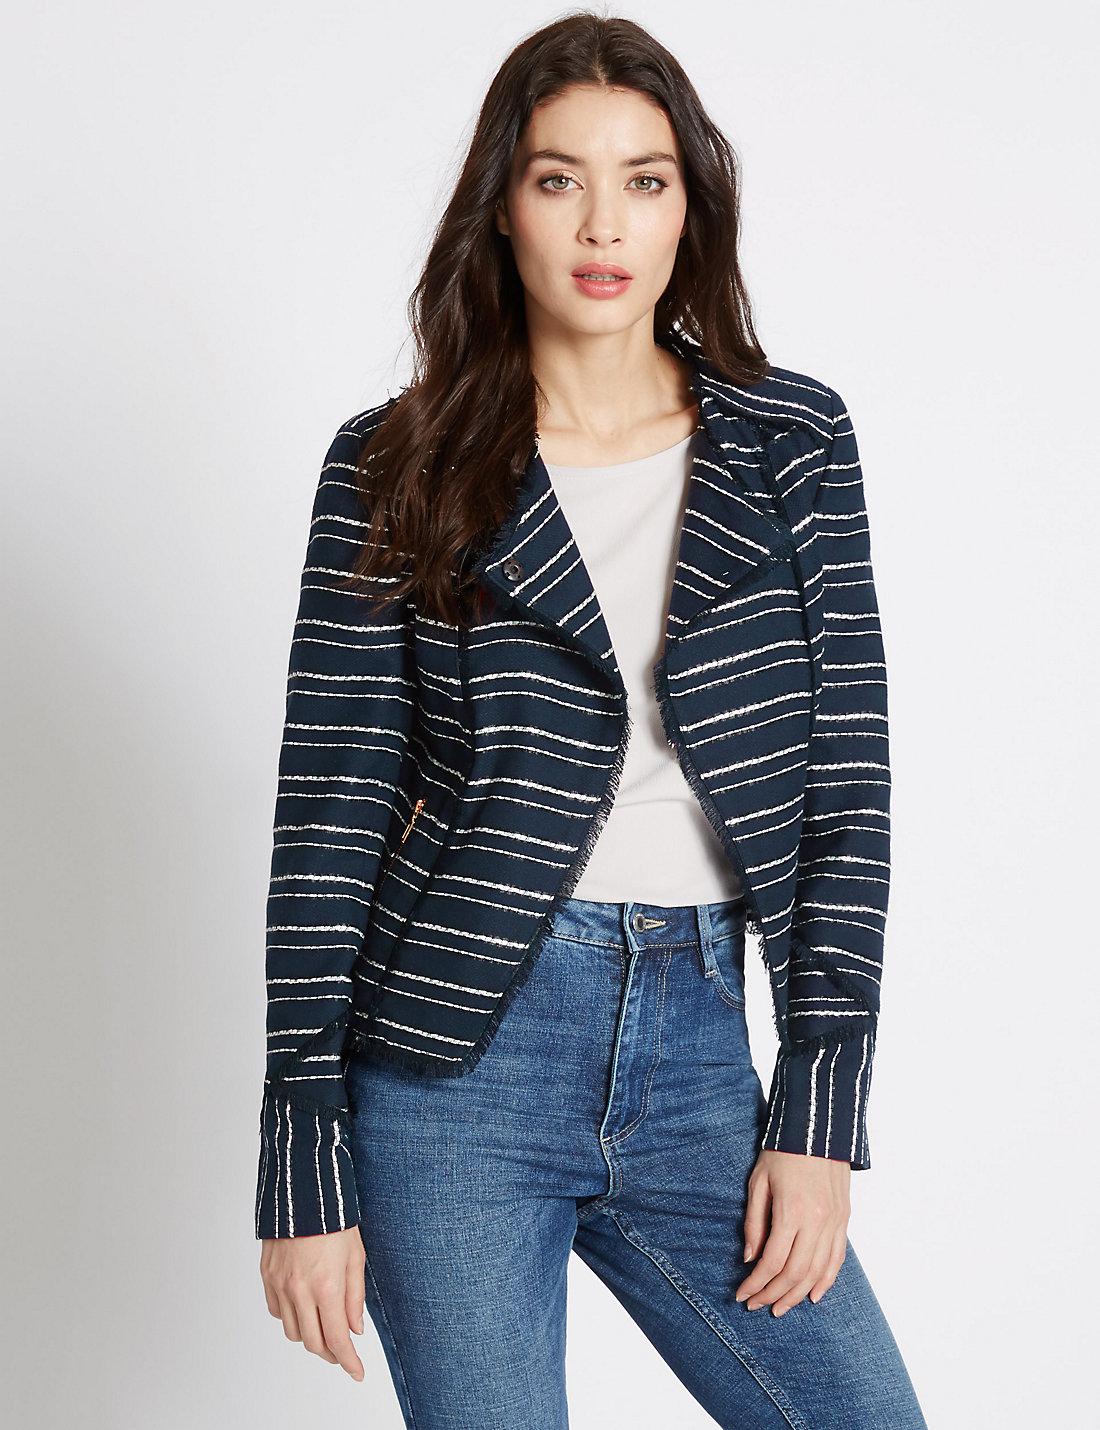 Cotton Blend Striped Fringe Jacket